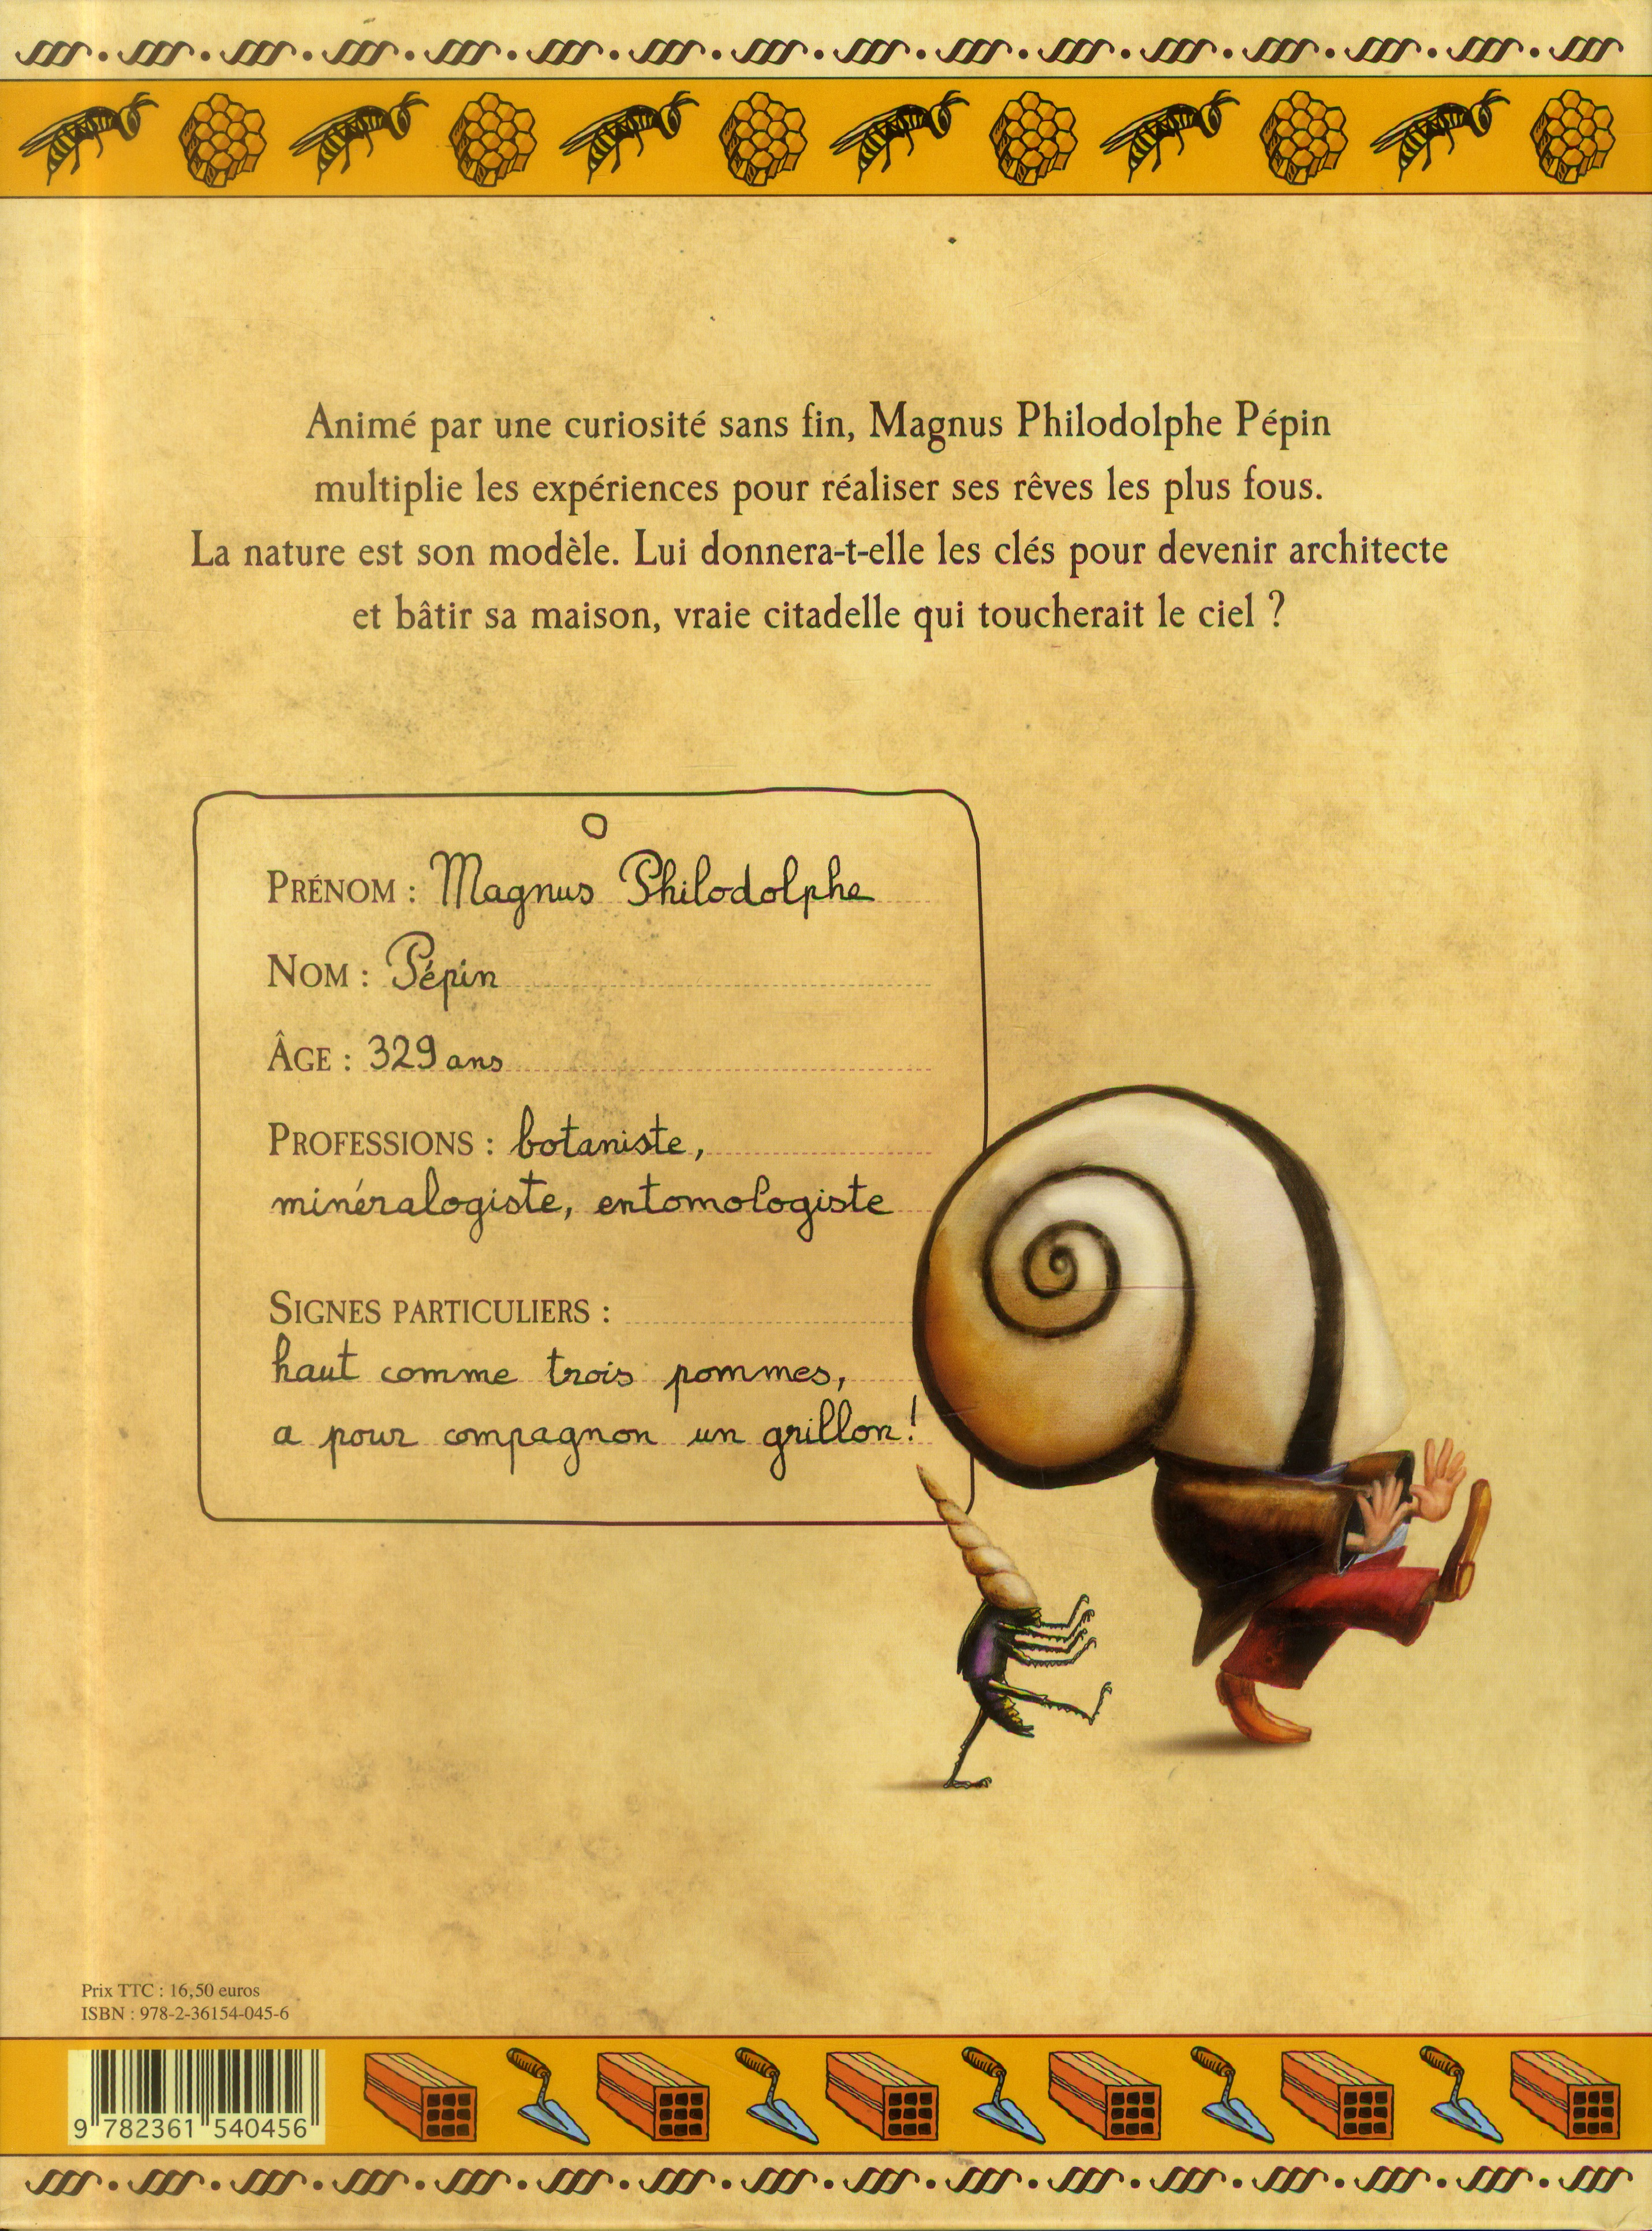 Un toit pour moi ; carnet de curiosités de Magnus Philodolphe Pépin